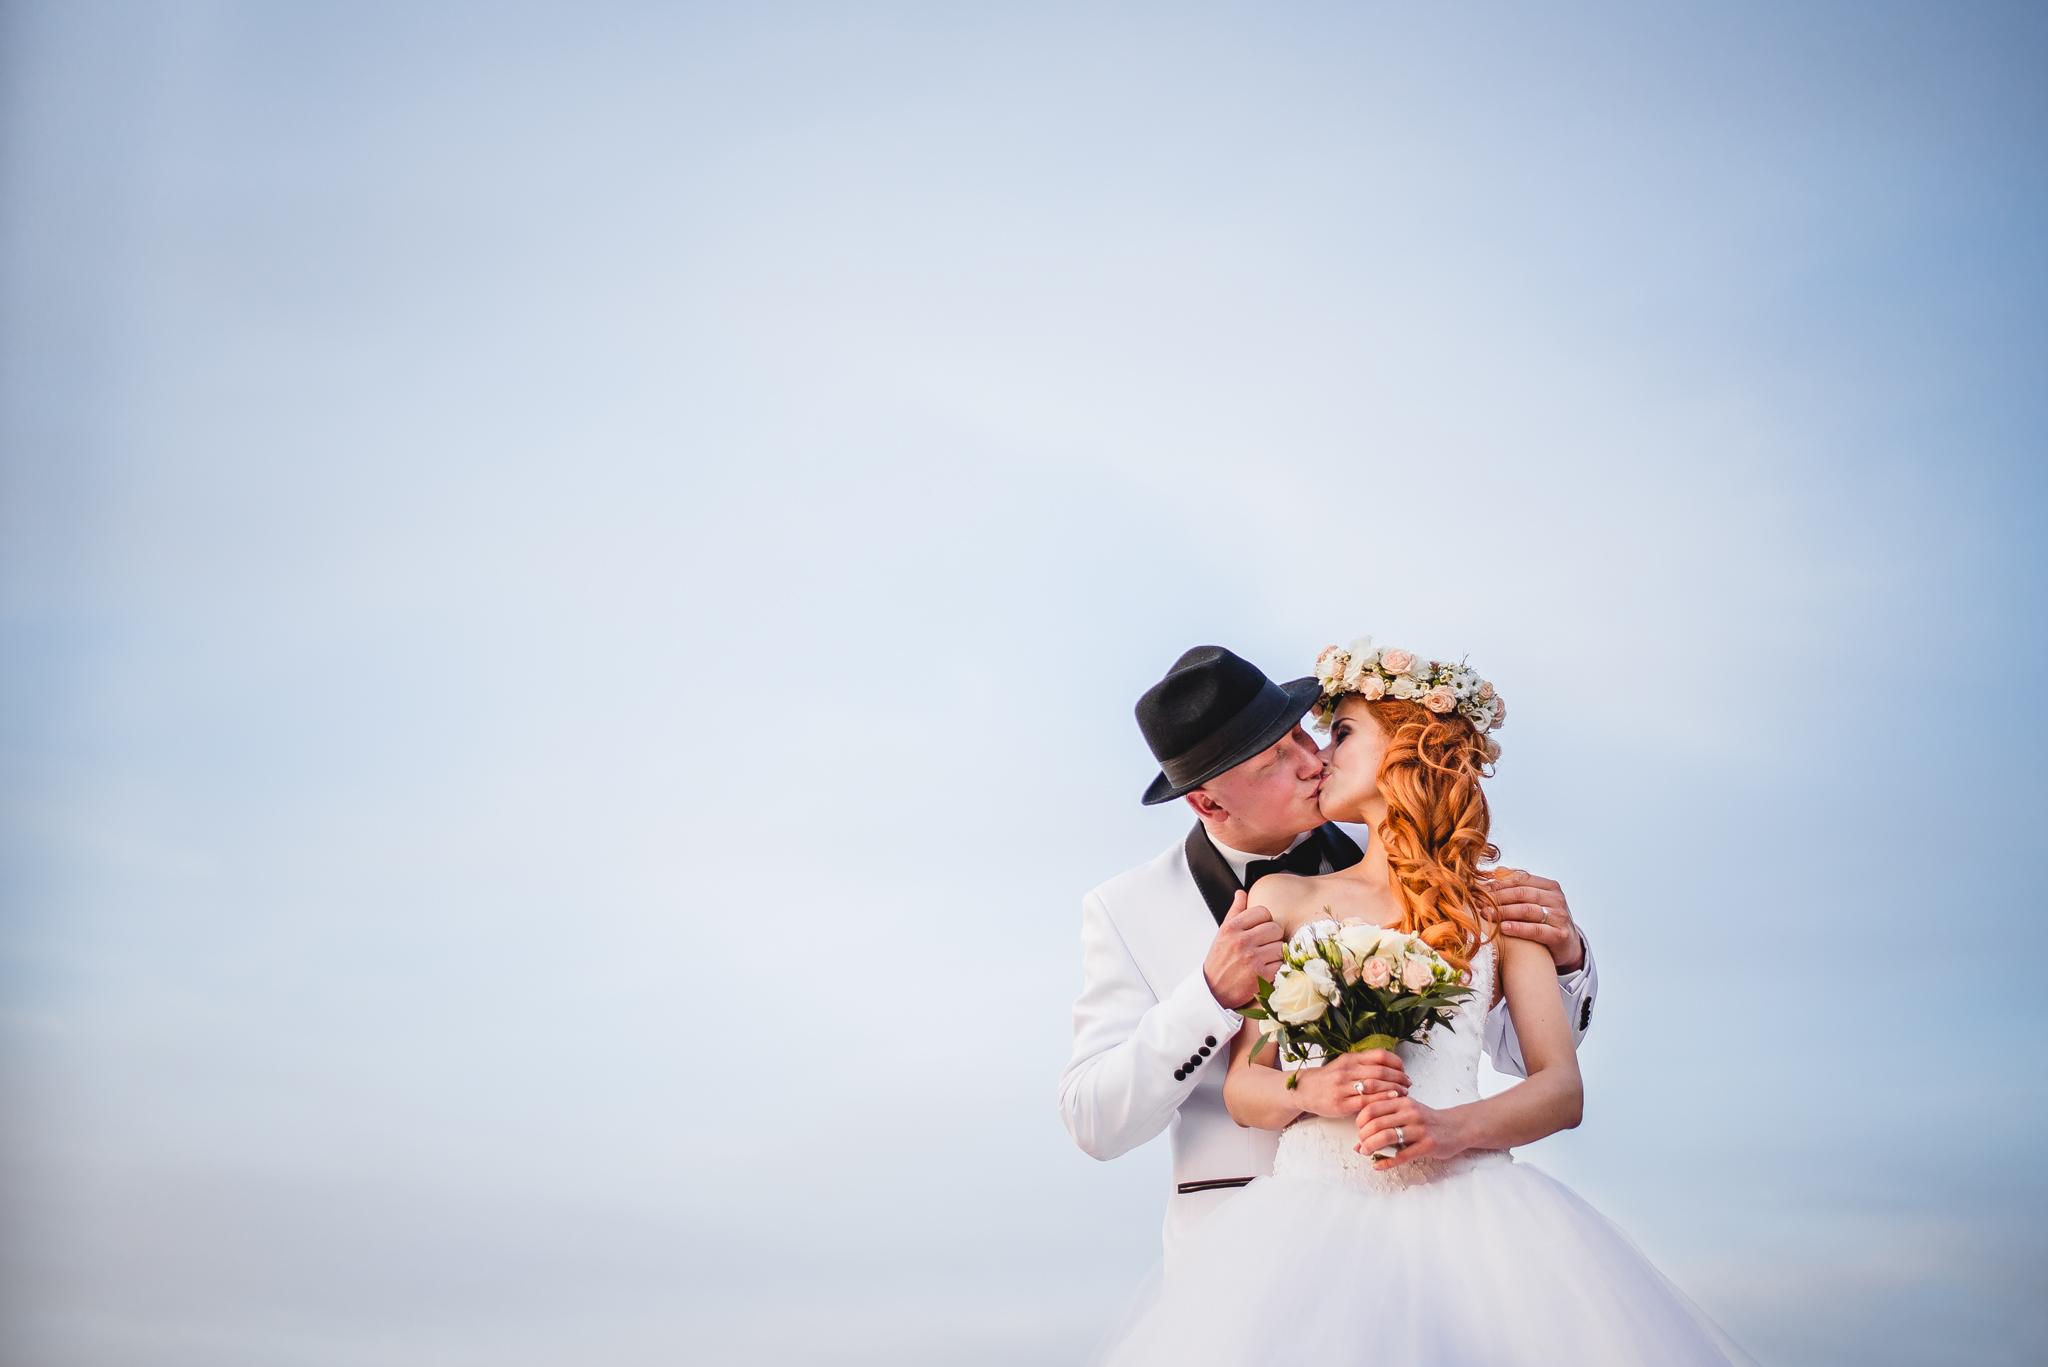 Svadobná fotografia - portrét